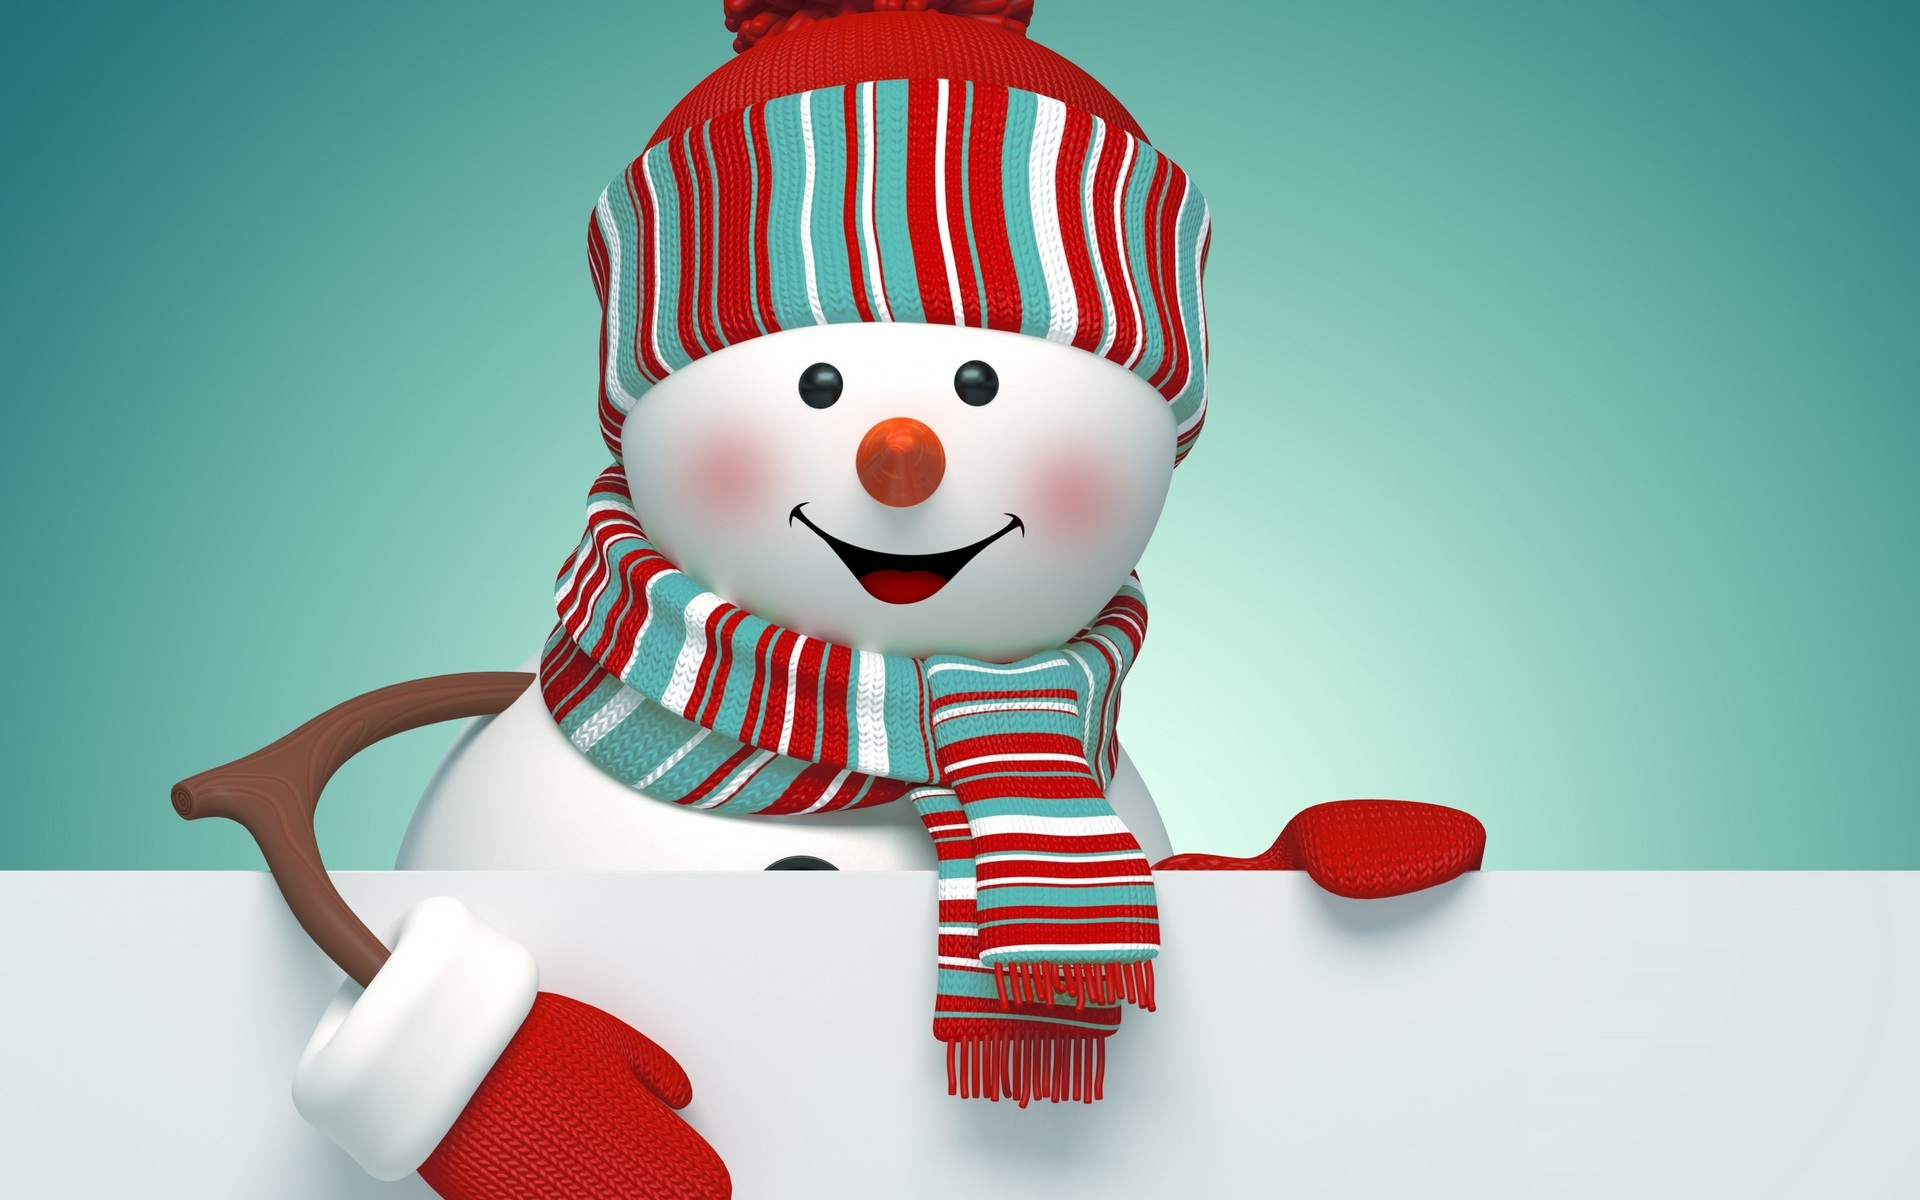 Снеговик обои рабочего стола